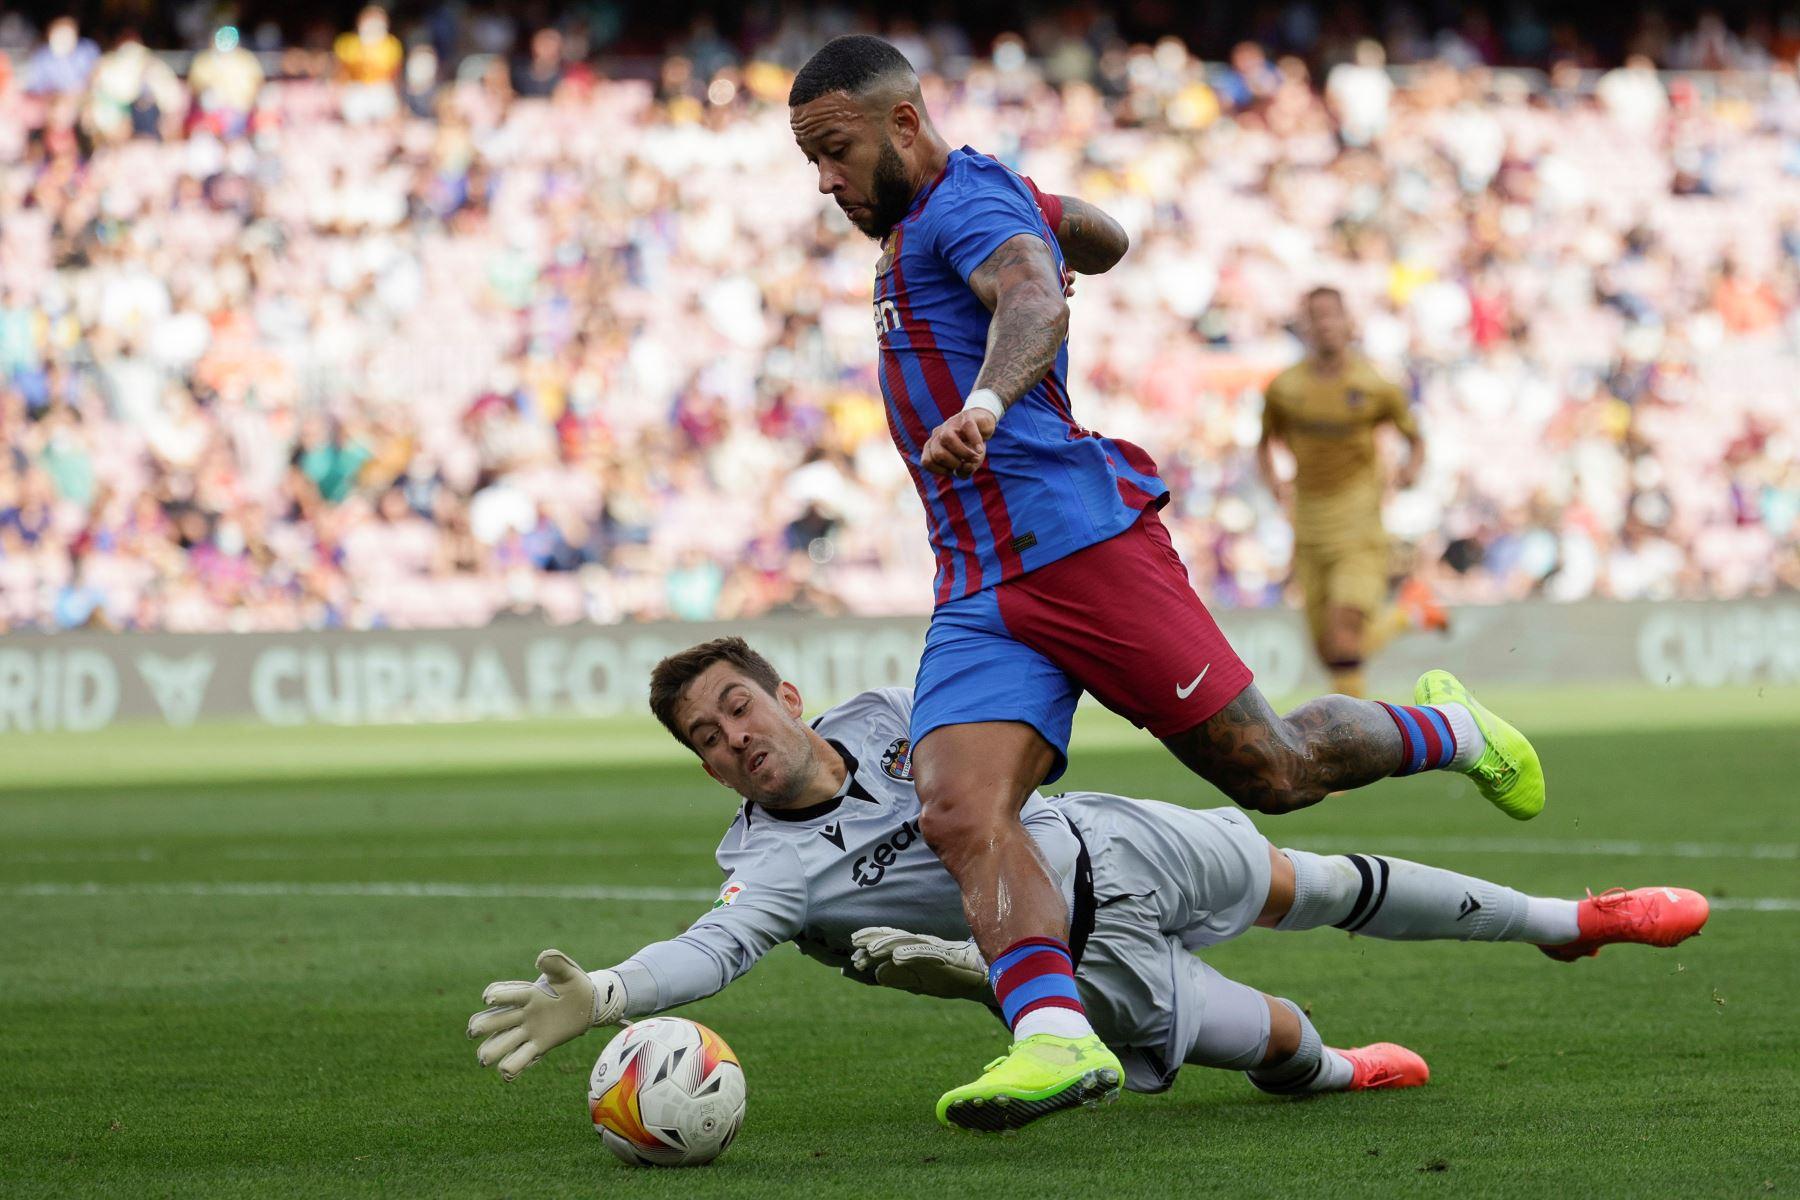 El delantero holandés del Barcelona Memphis Depay trata de marcar ante el portero del Levante Aitor Fernández durante el partido por la séptima jornada de LaLiga Santander, en el estadio Camp Nou. Foto: EFE